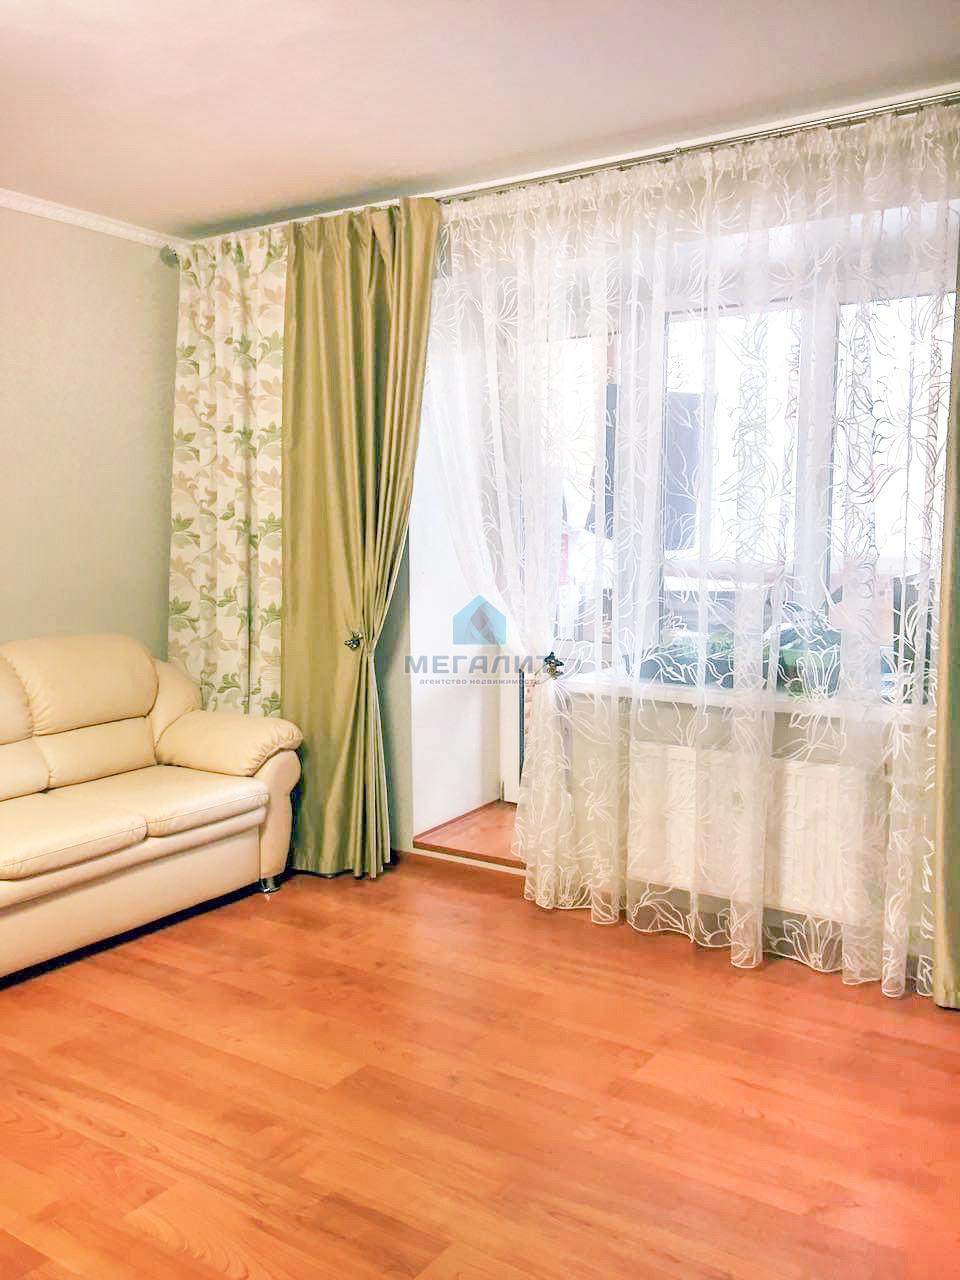 Продажа 1-к квартиры Гвардейская 31/42, 47.0 м² (миниатюра №4)